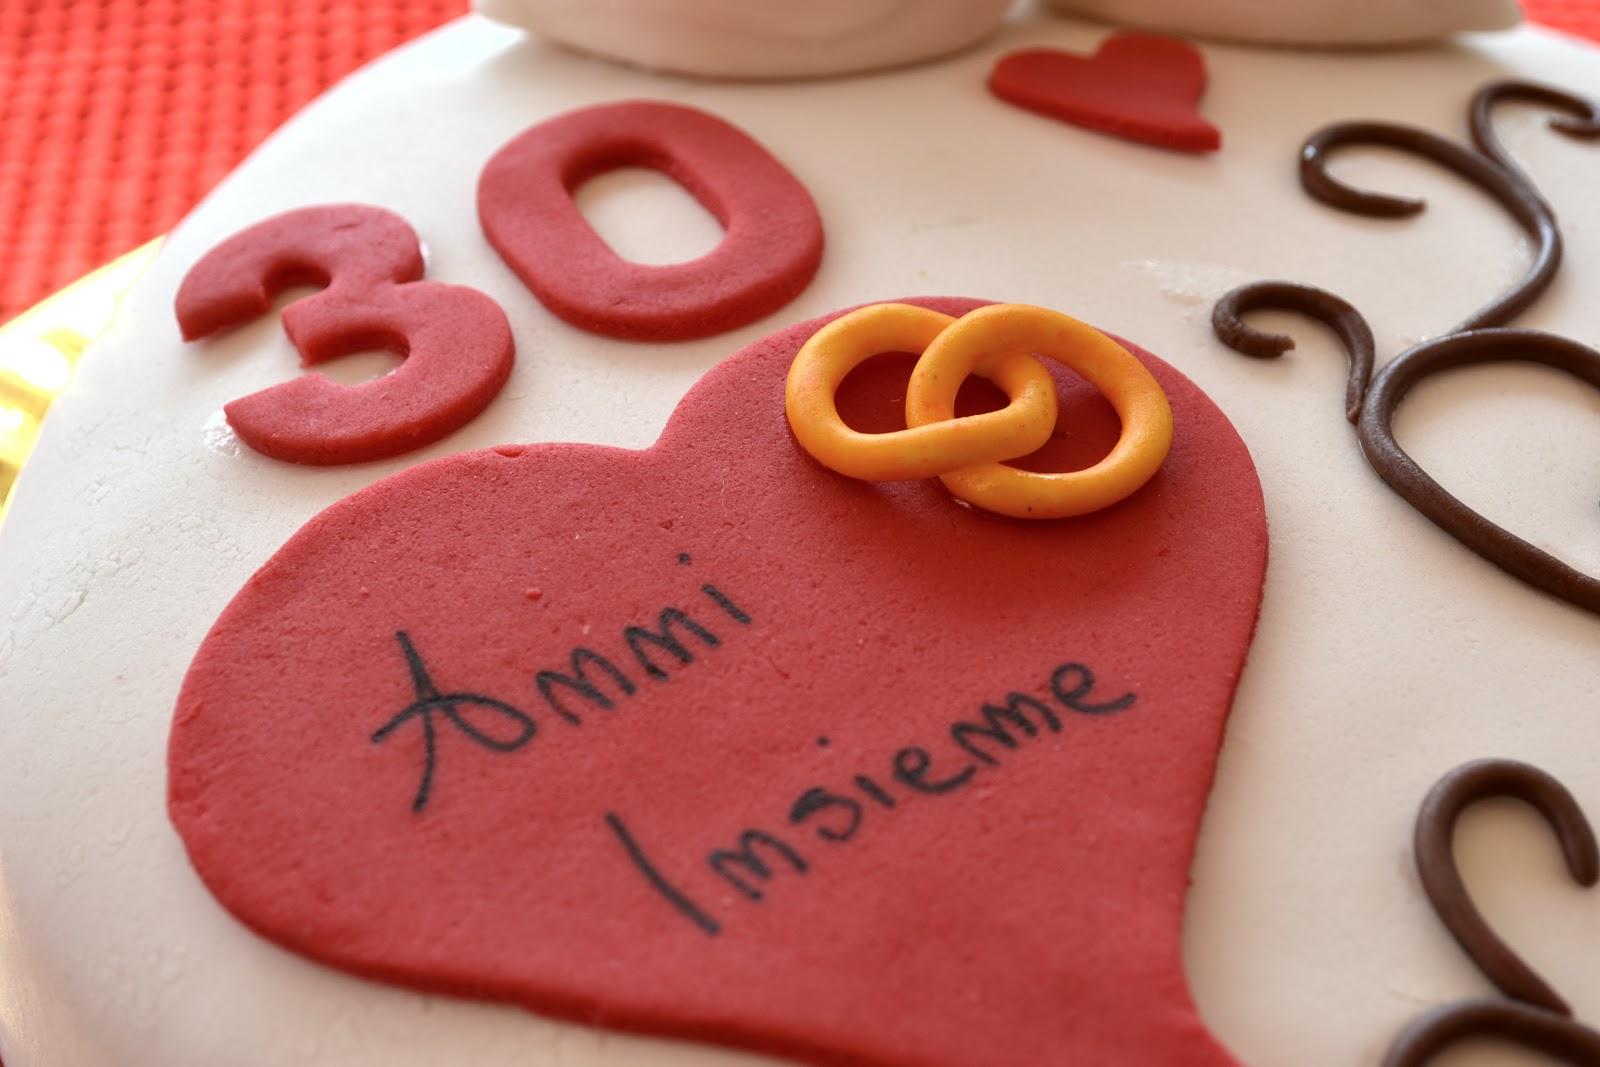 Anniversario 30 Anni Matrimonio.Matrimonio Blog Anniversario 30 Anni Matrimonio